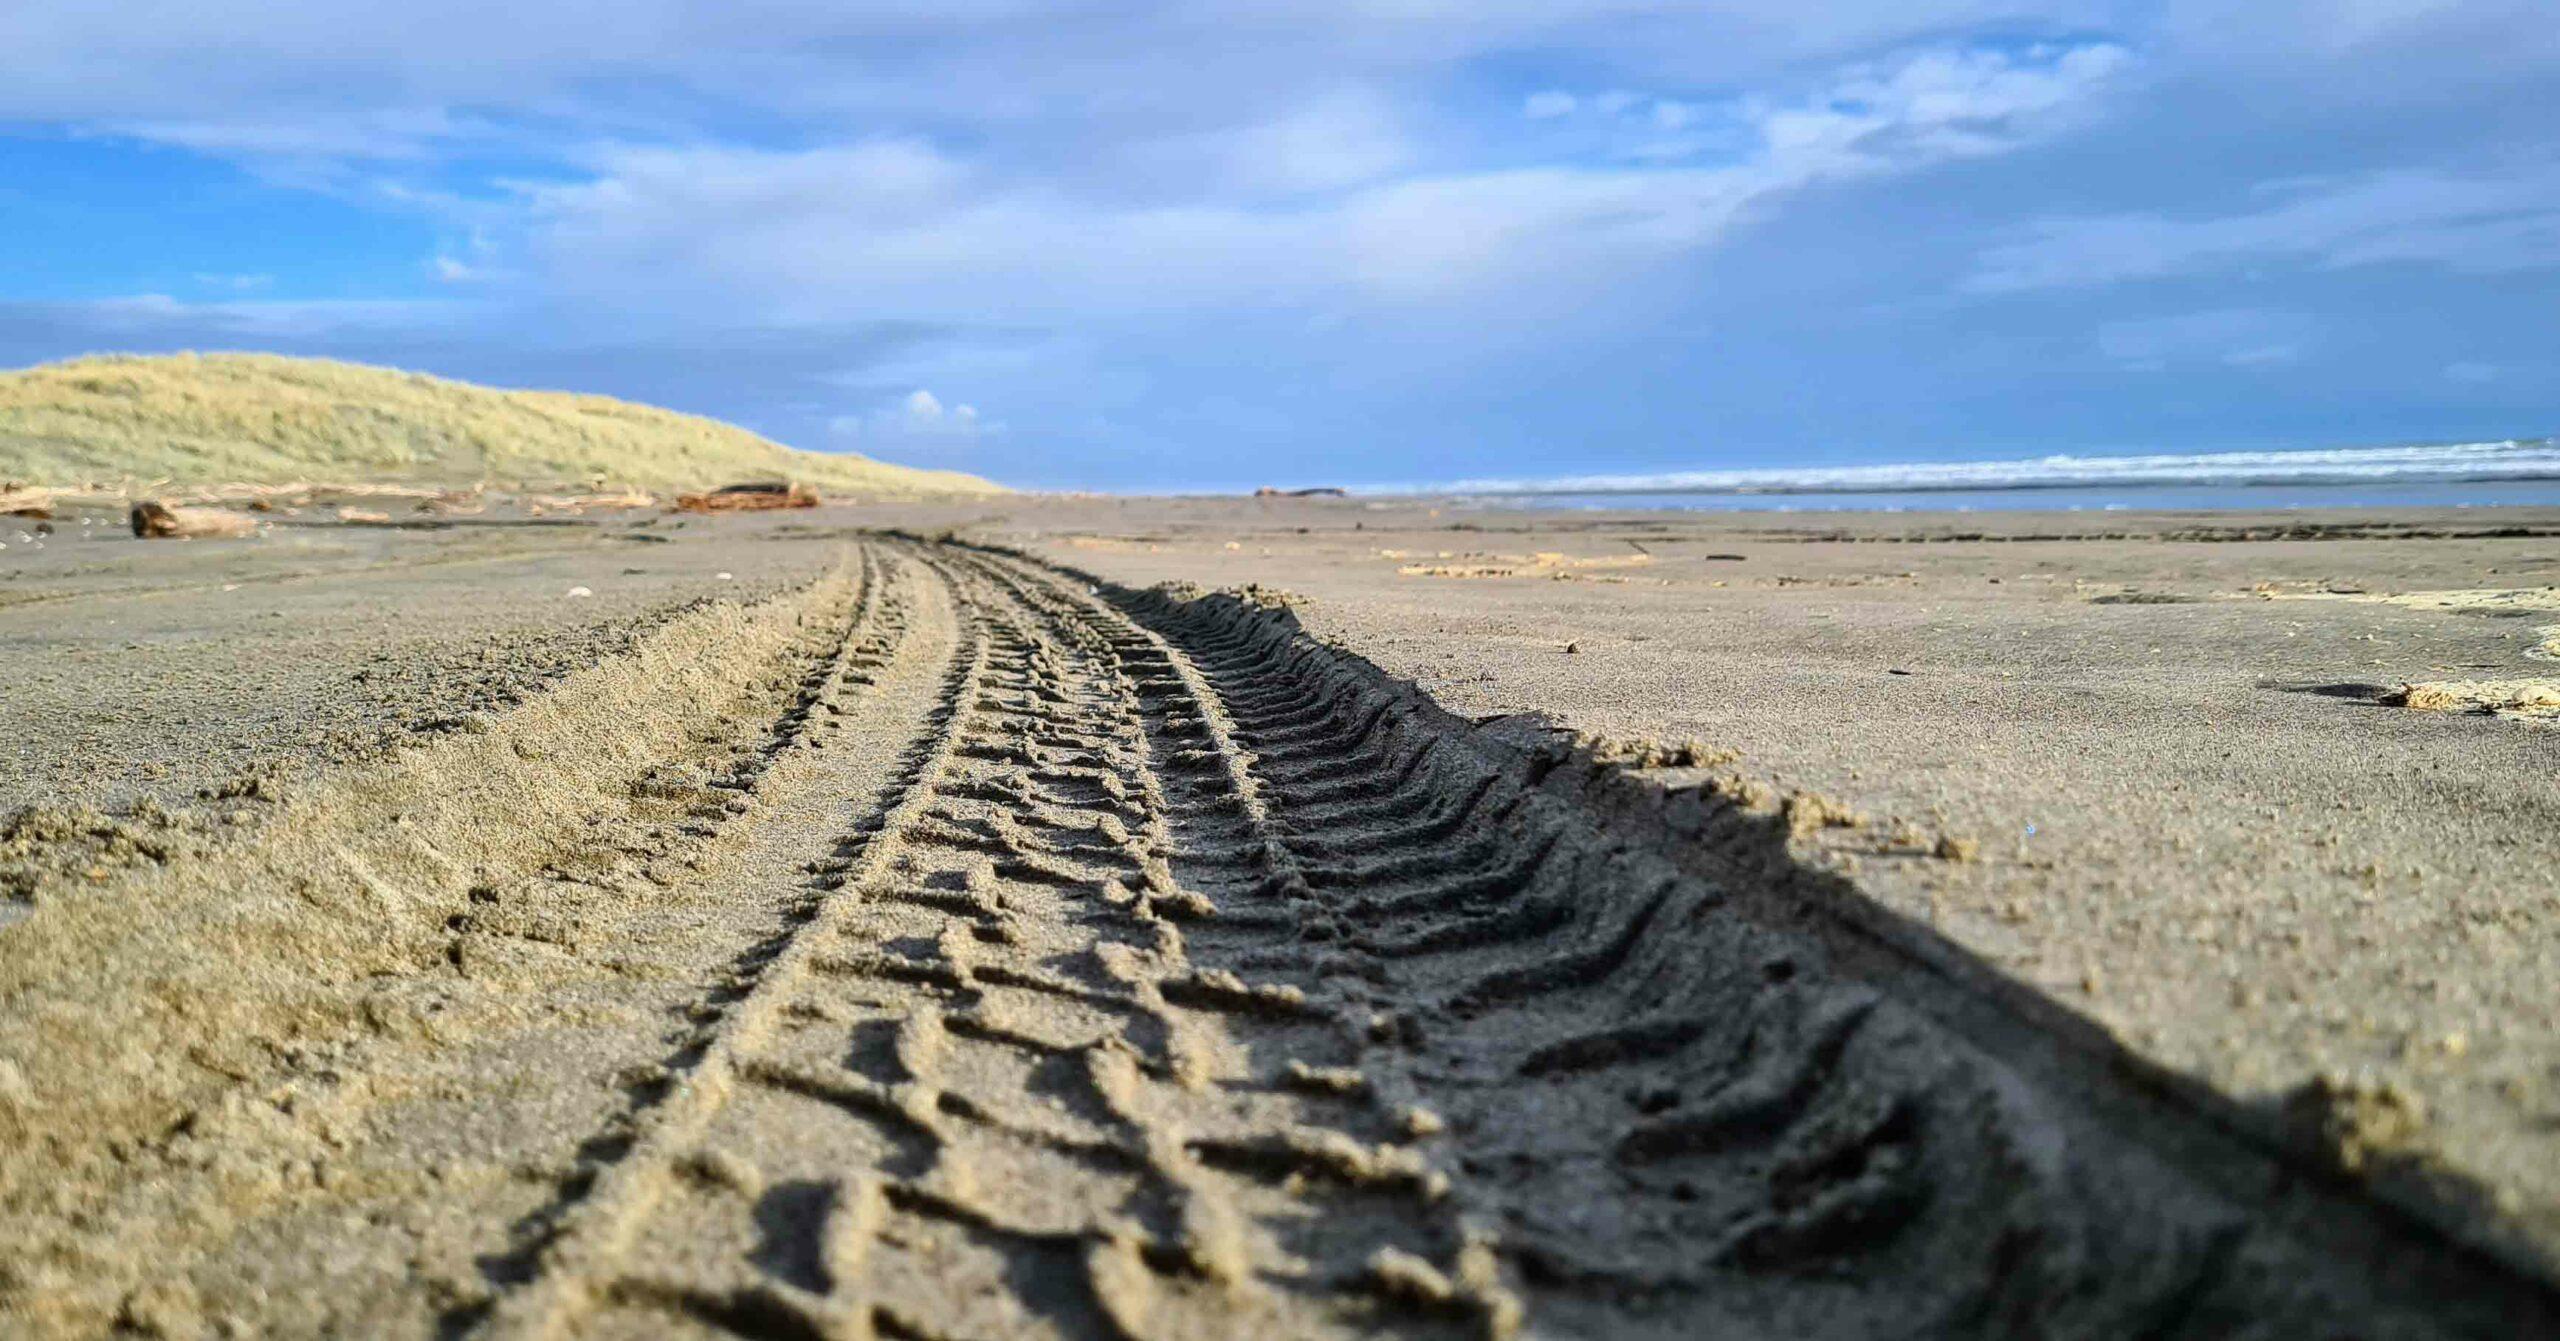 A tyre track across a beach